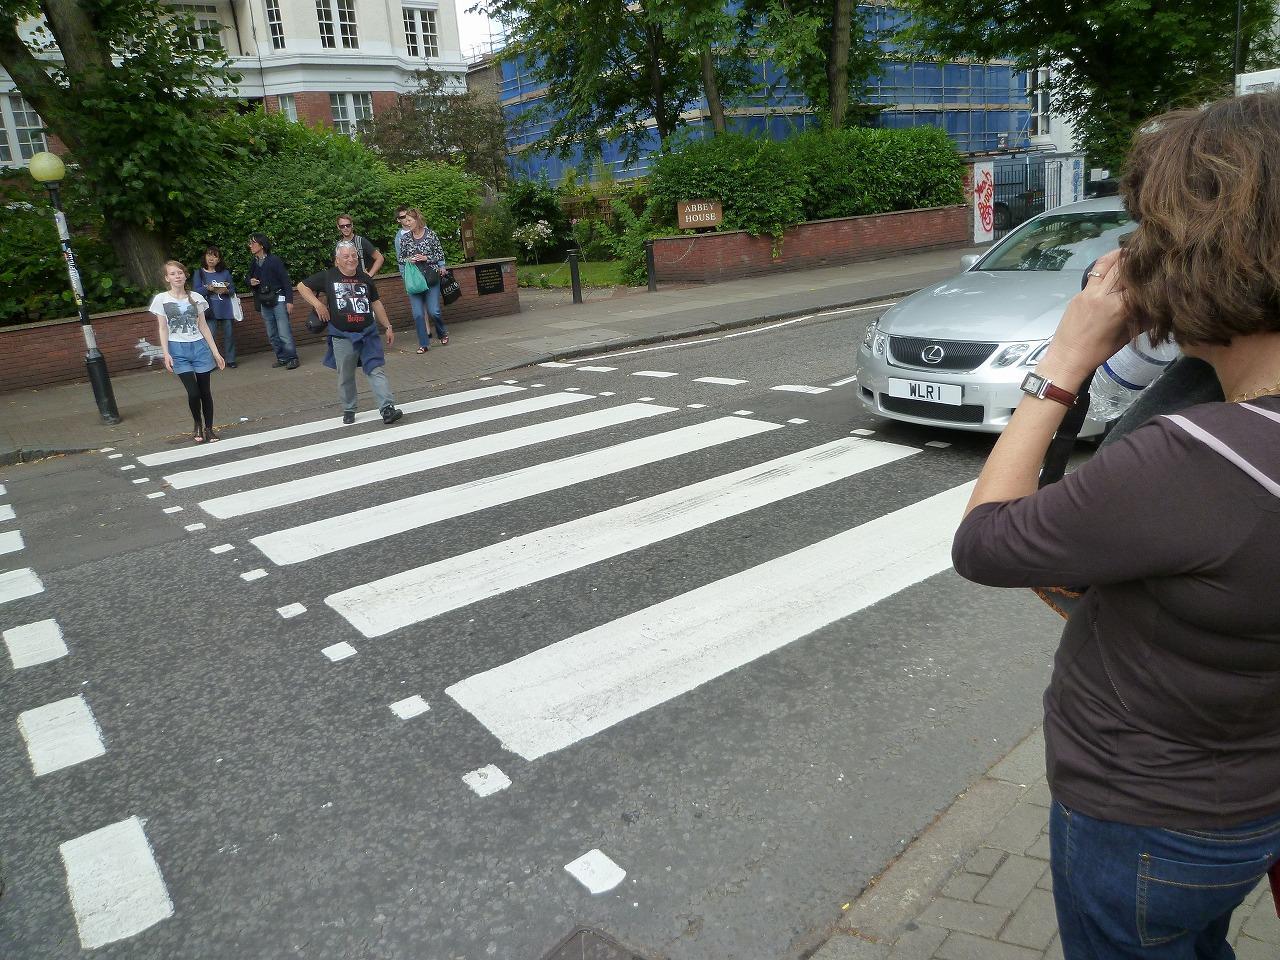 ビートルズ 横断歩道